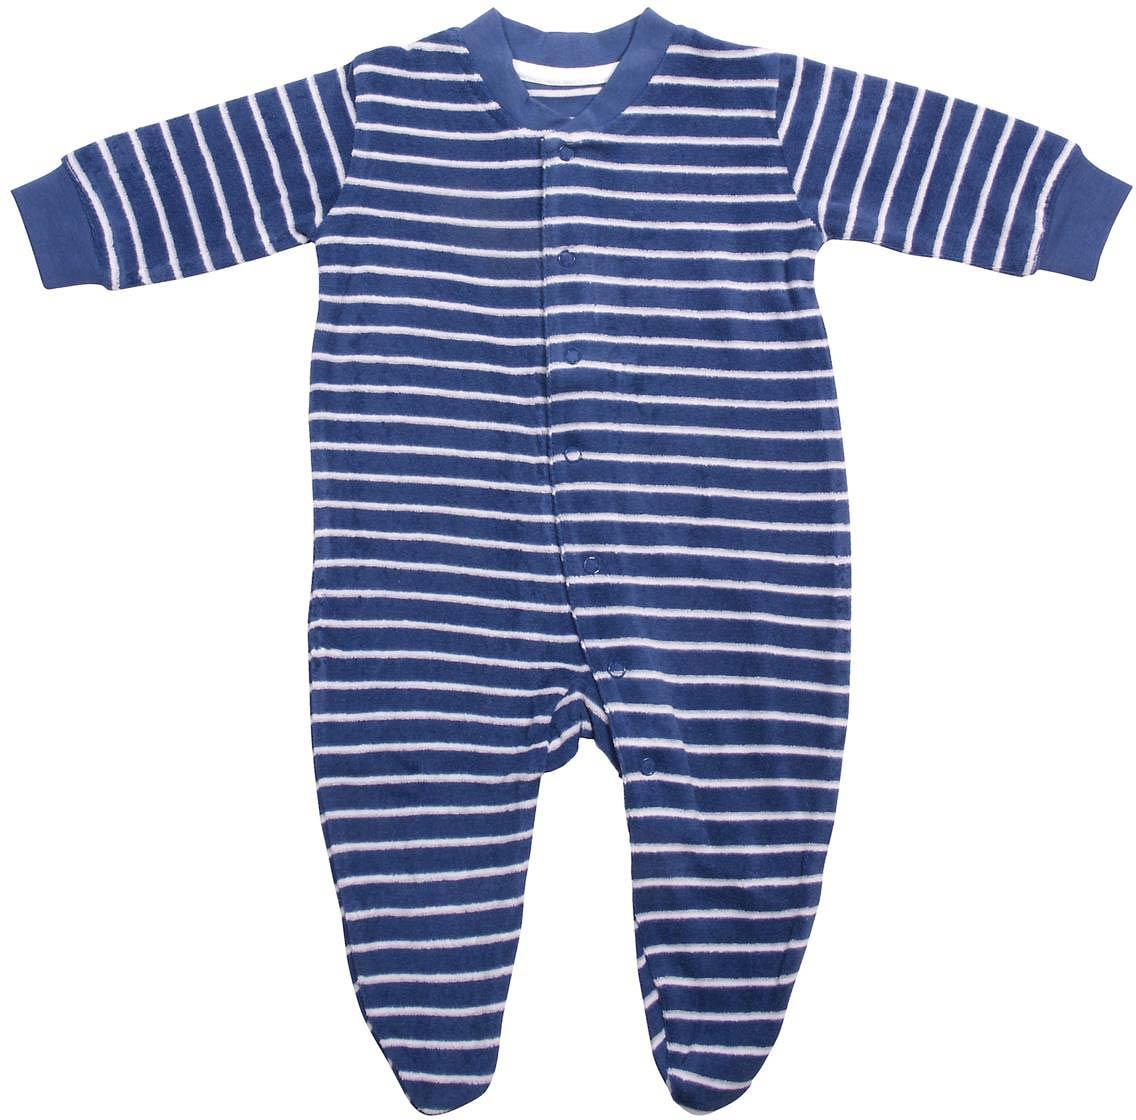 baby schlafanzug einteiler 100 biobaumwolle dunkelblau. Black Bedroom Furniture Sets. Home Design Ideas